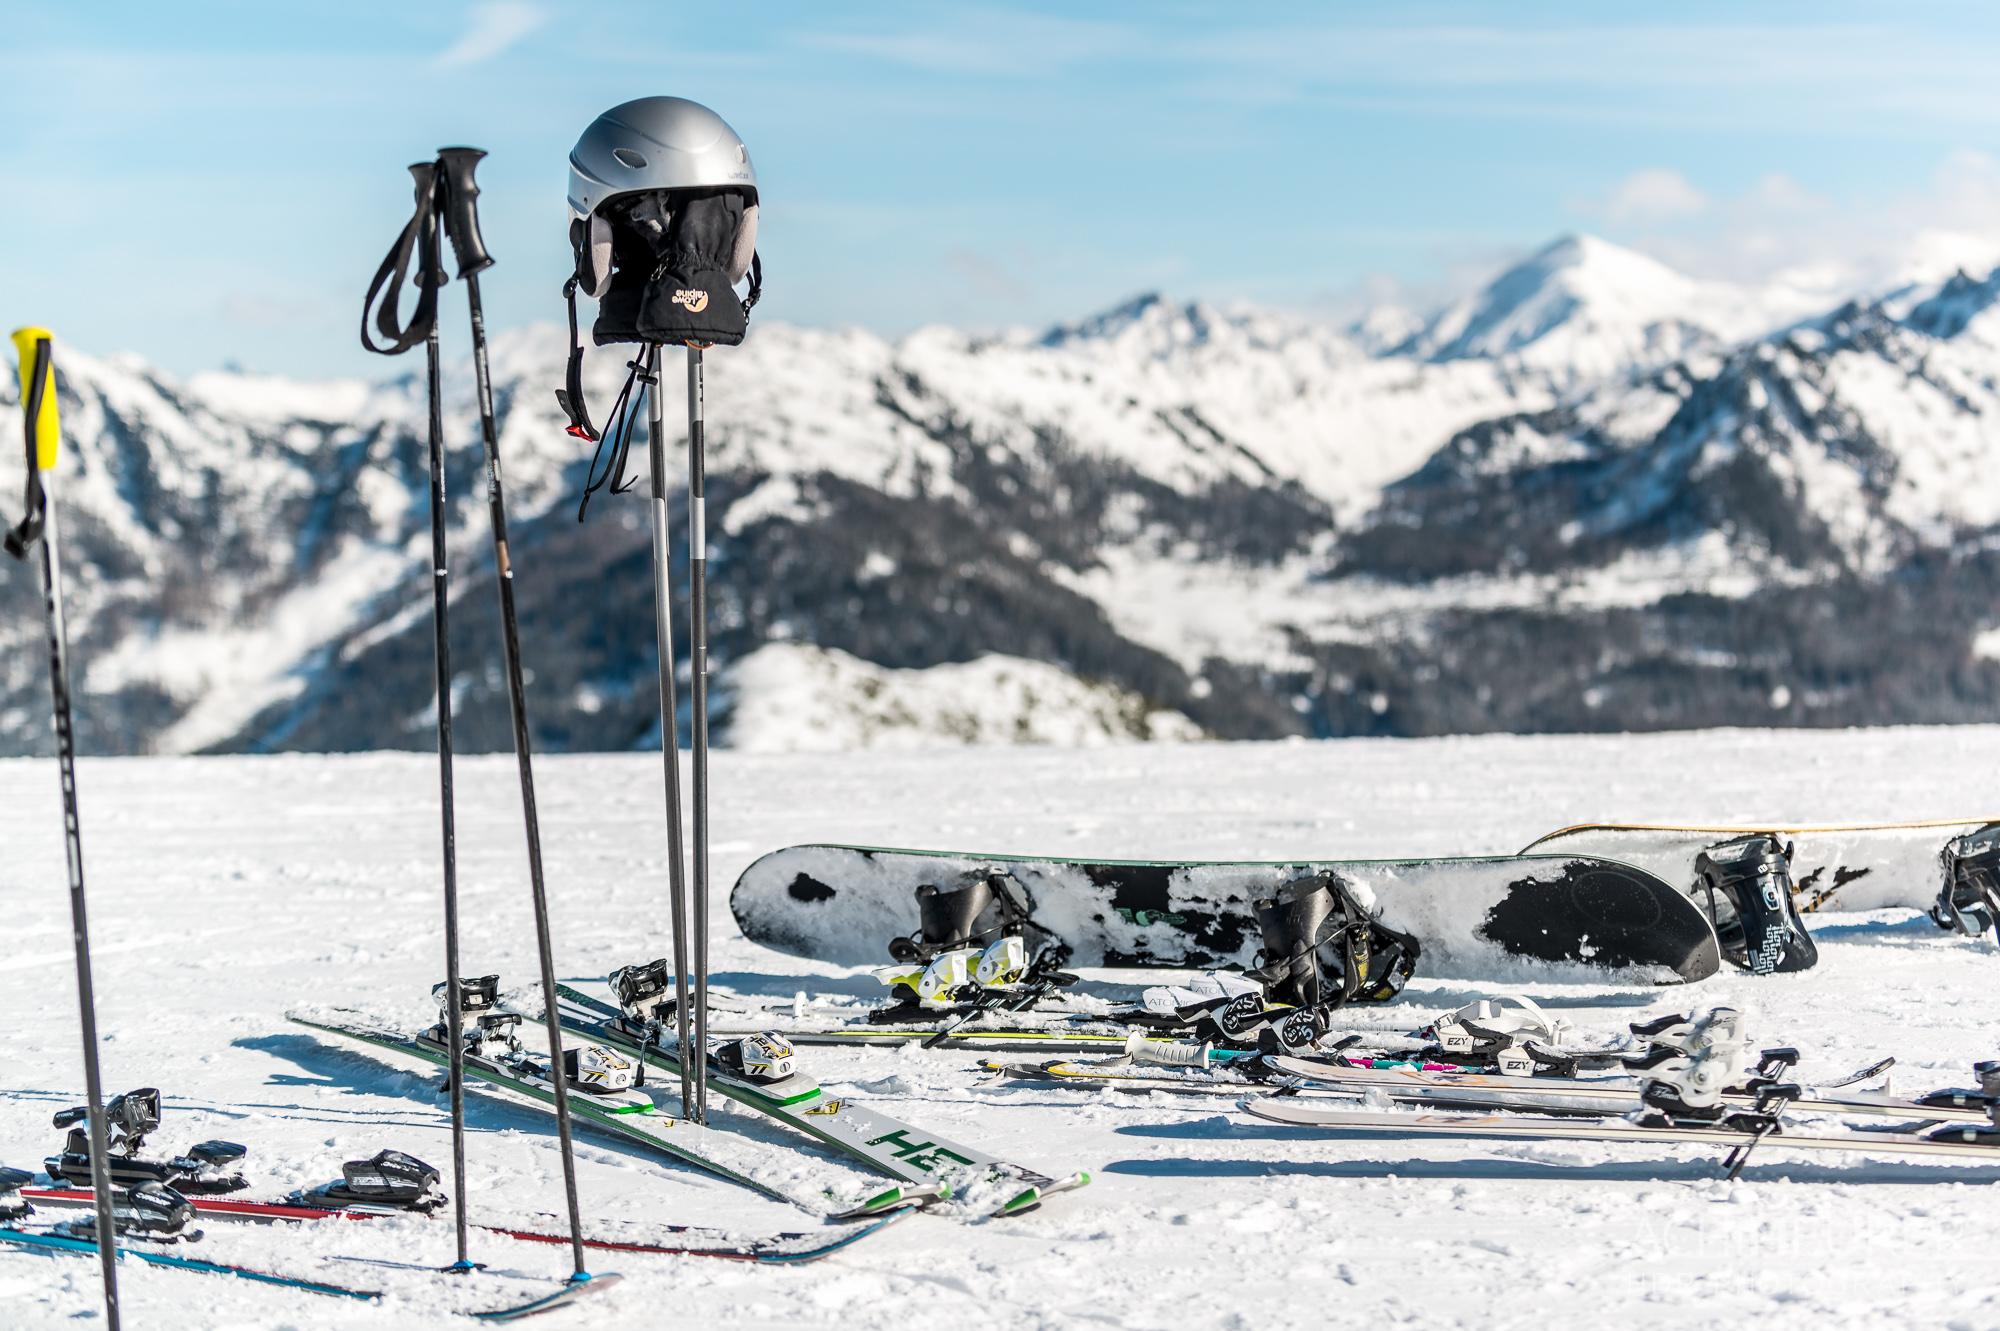 Die-schoensten-Winterfotos-Winterlandschaft-35 by Achim Meurer.